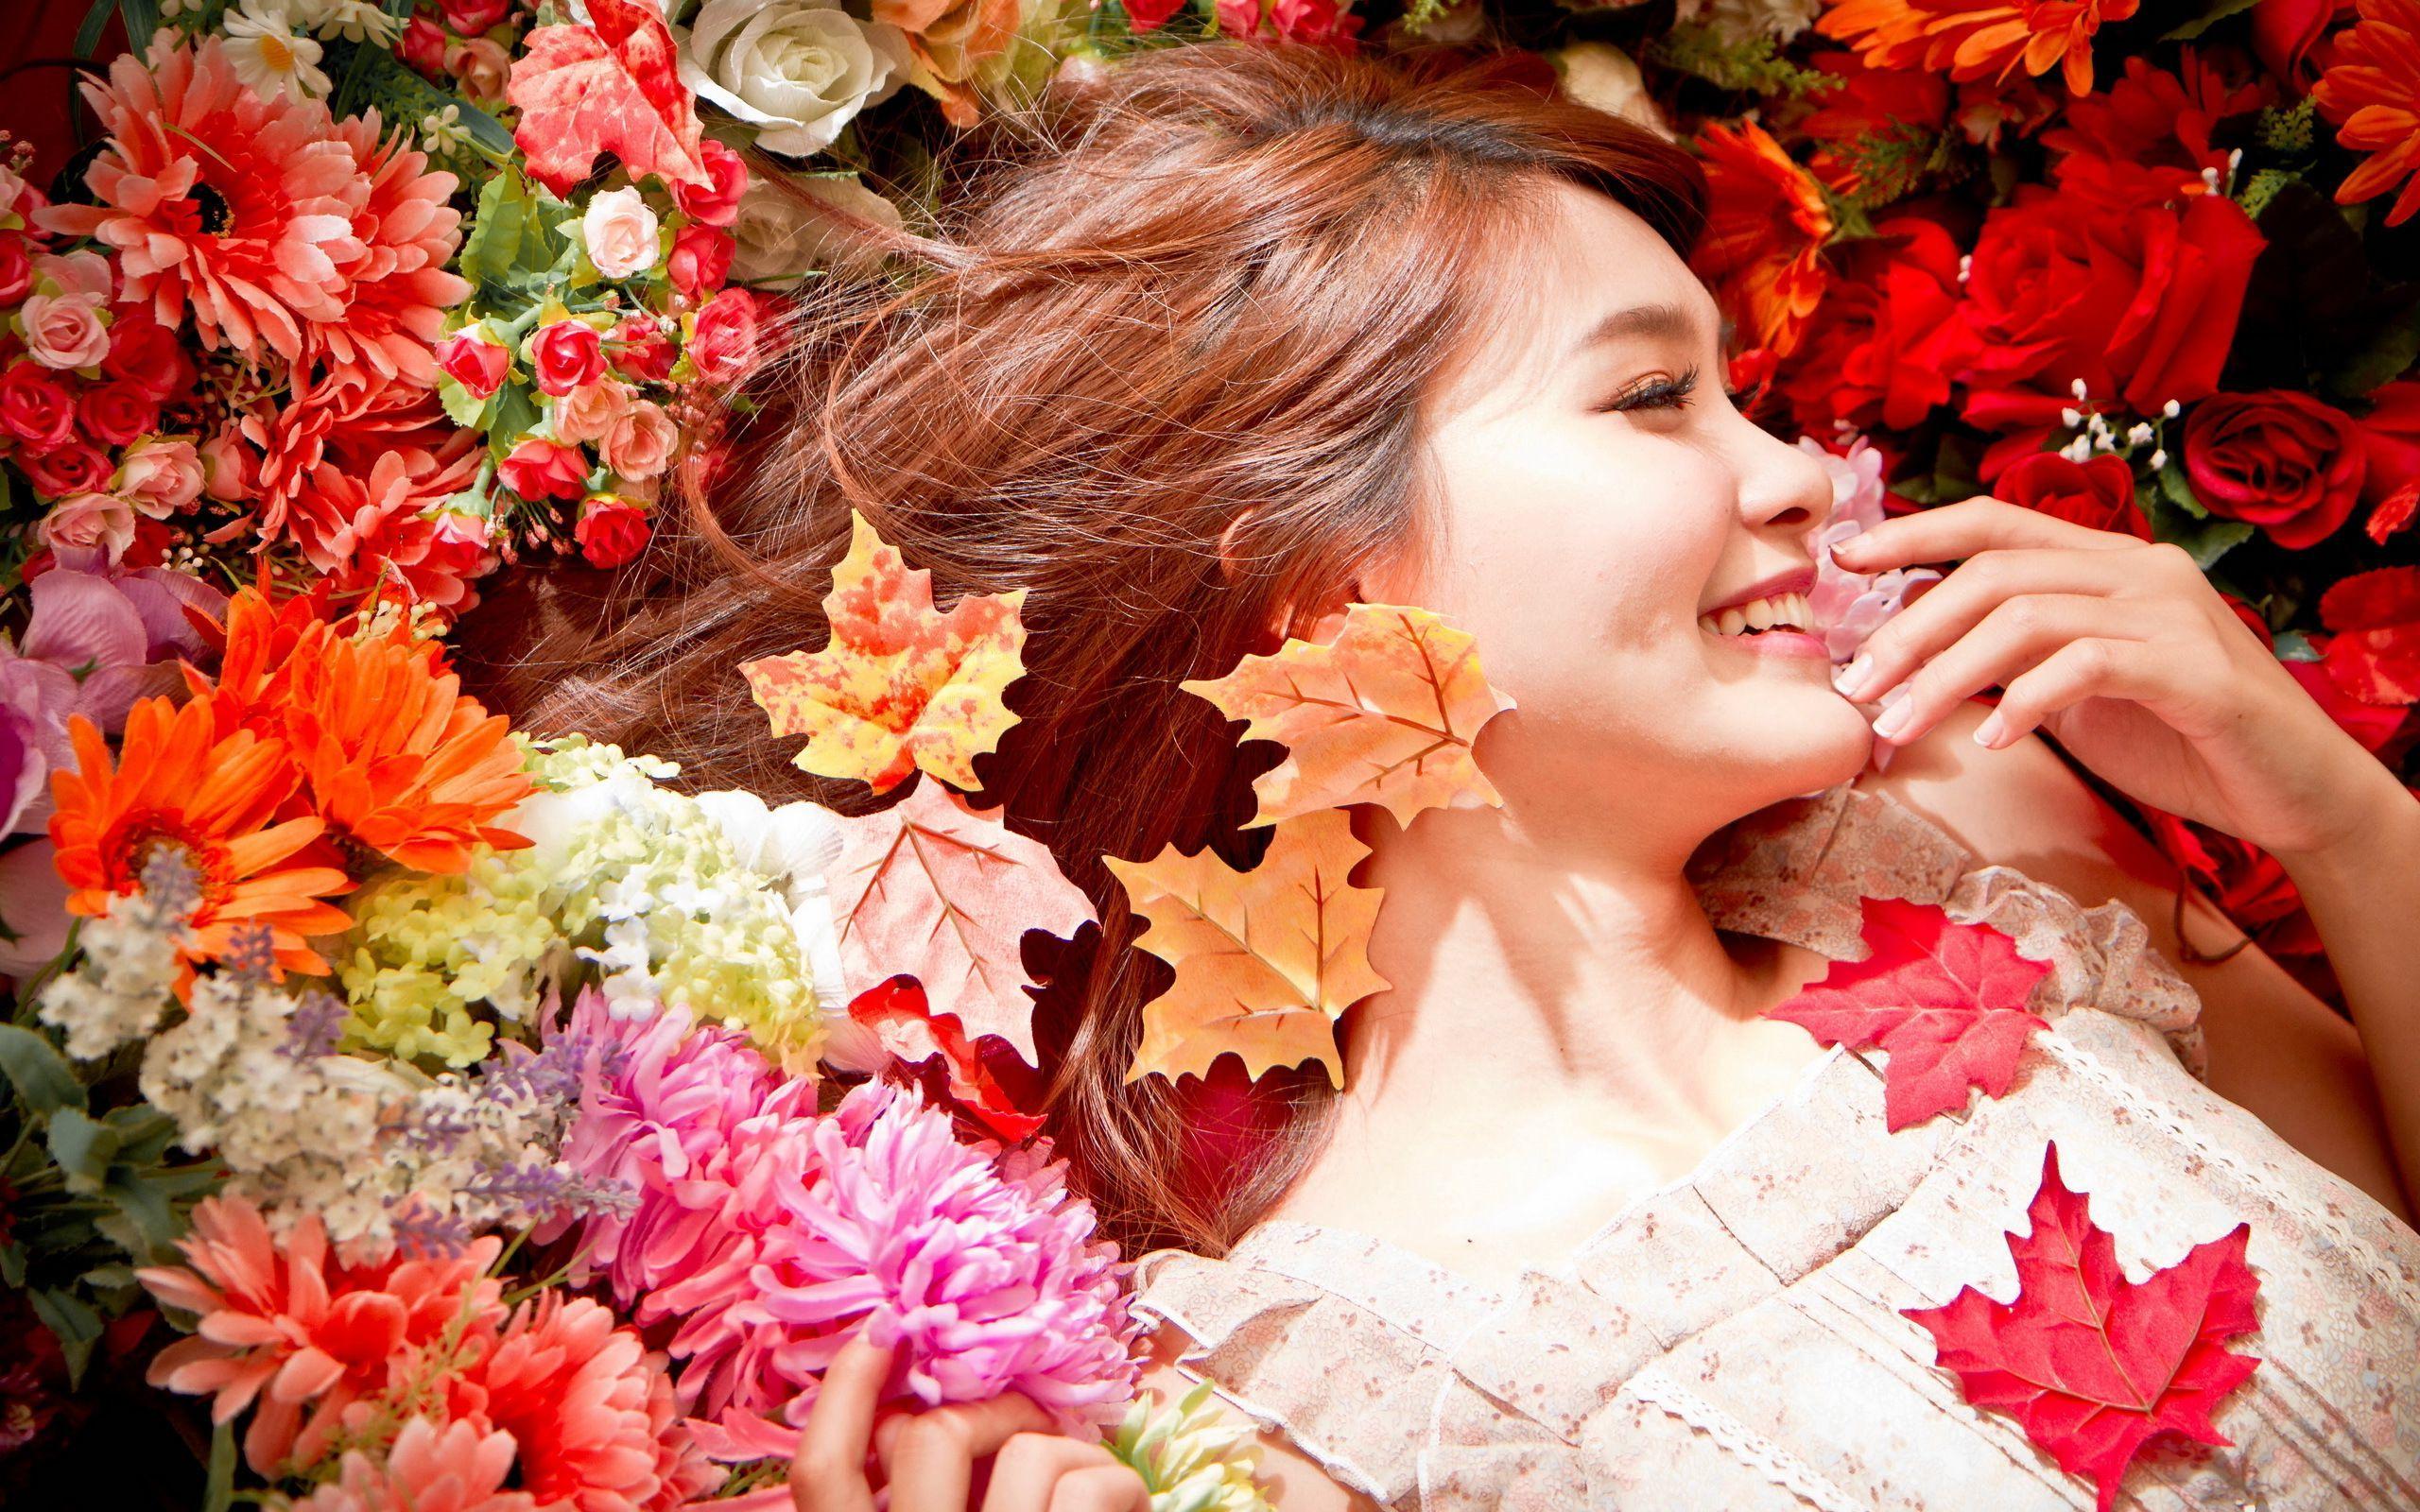 Happy Girl In The Flowers Hd Wallpaper - Happy Girl With Flowers , HD Wallpaper & Backgrounds